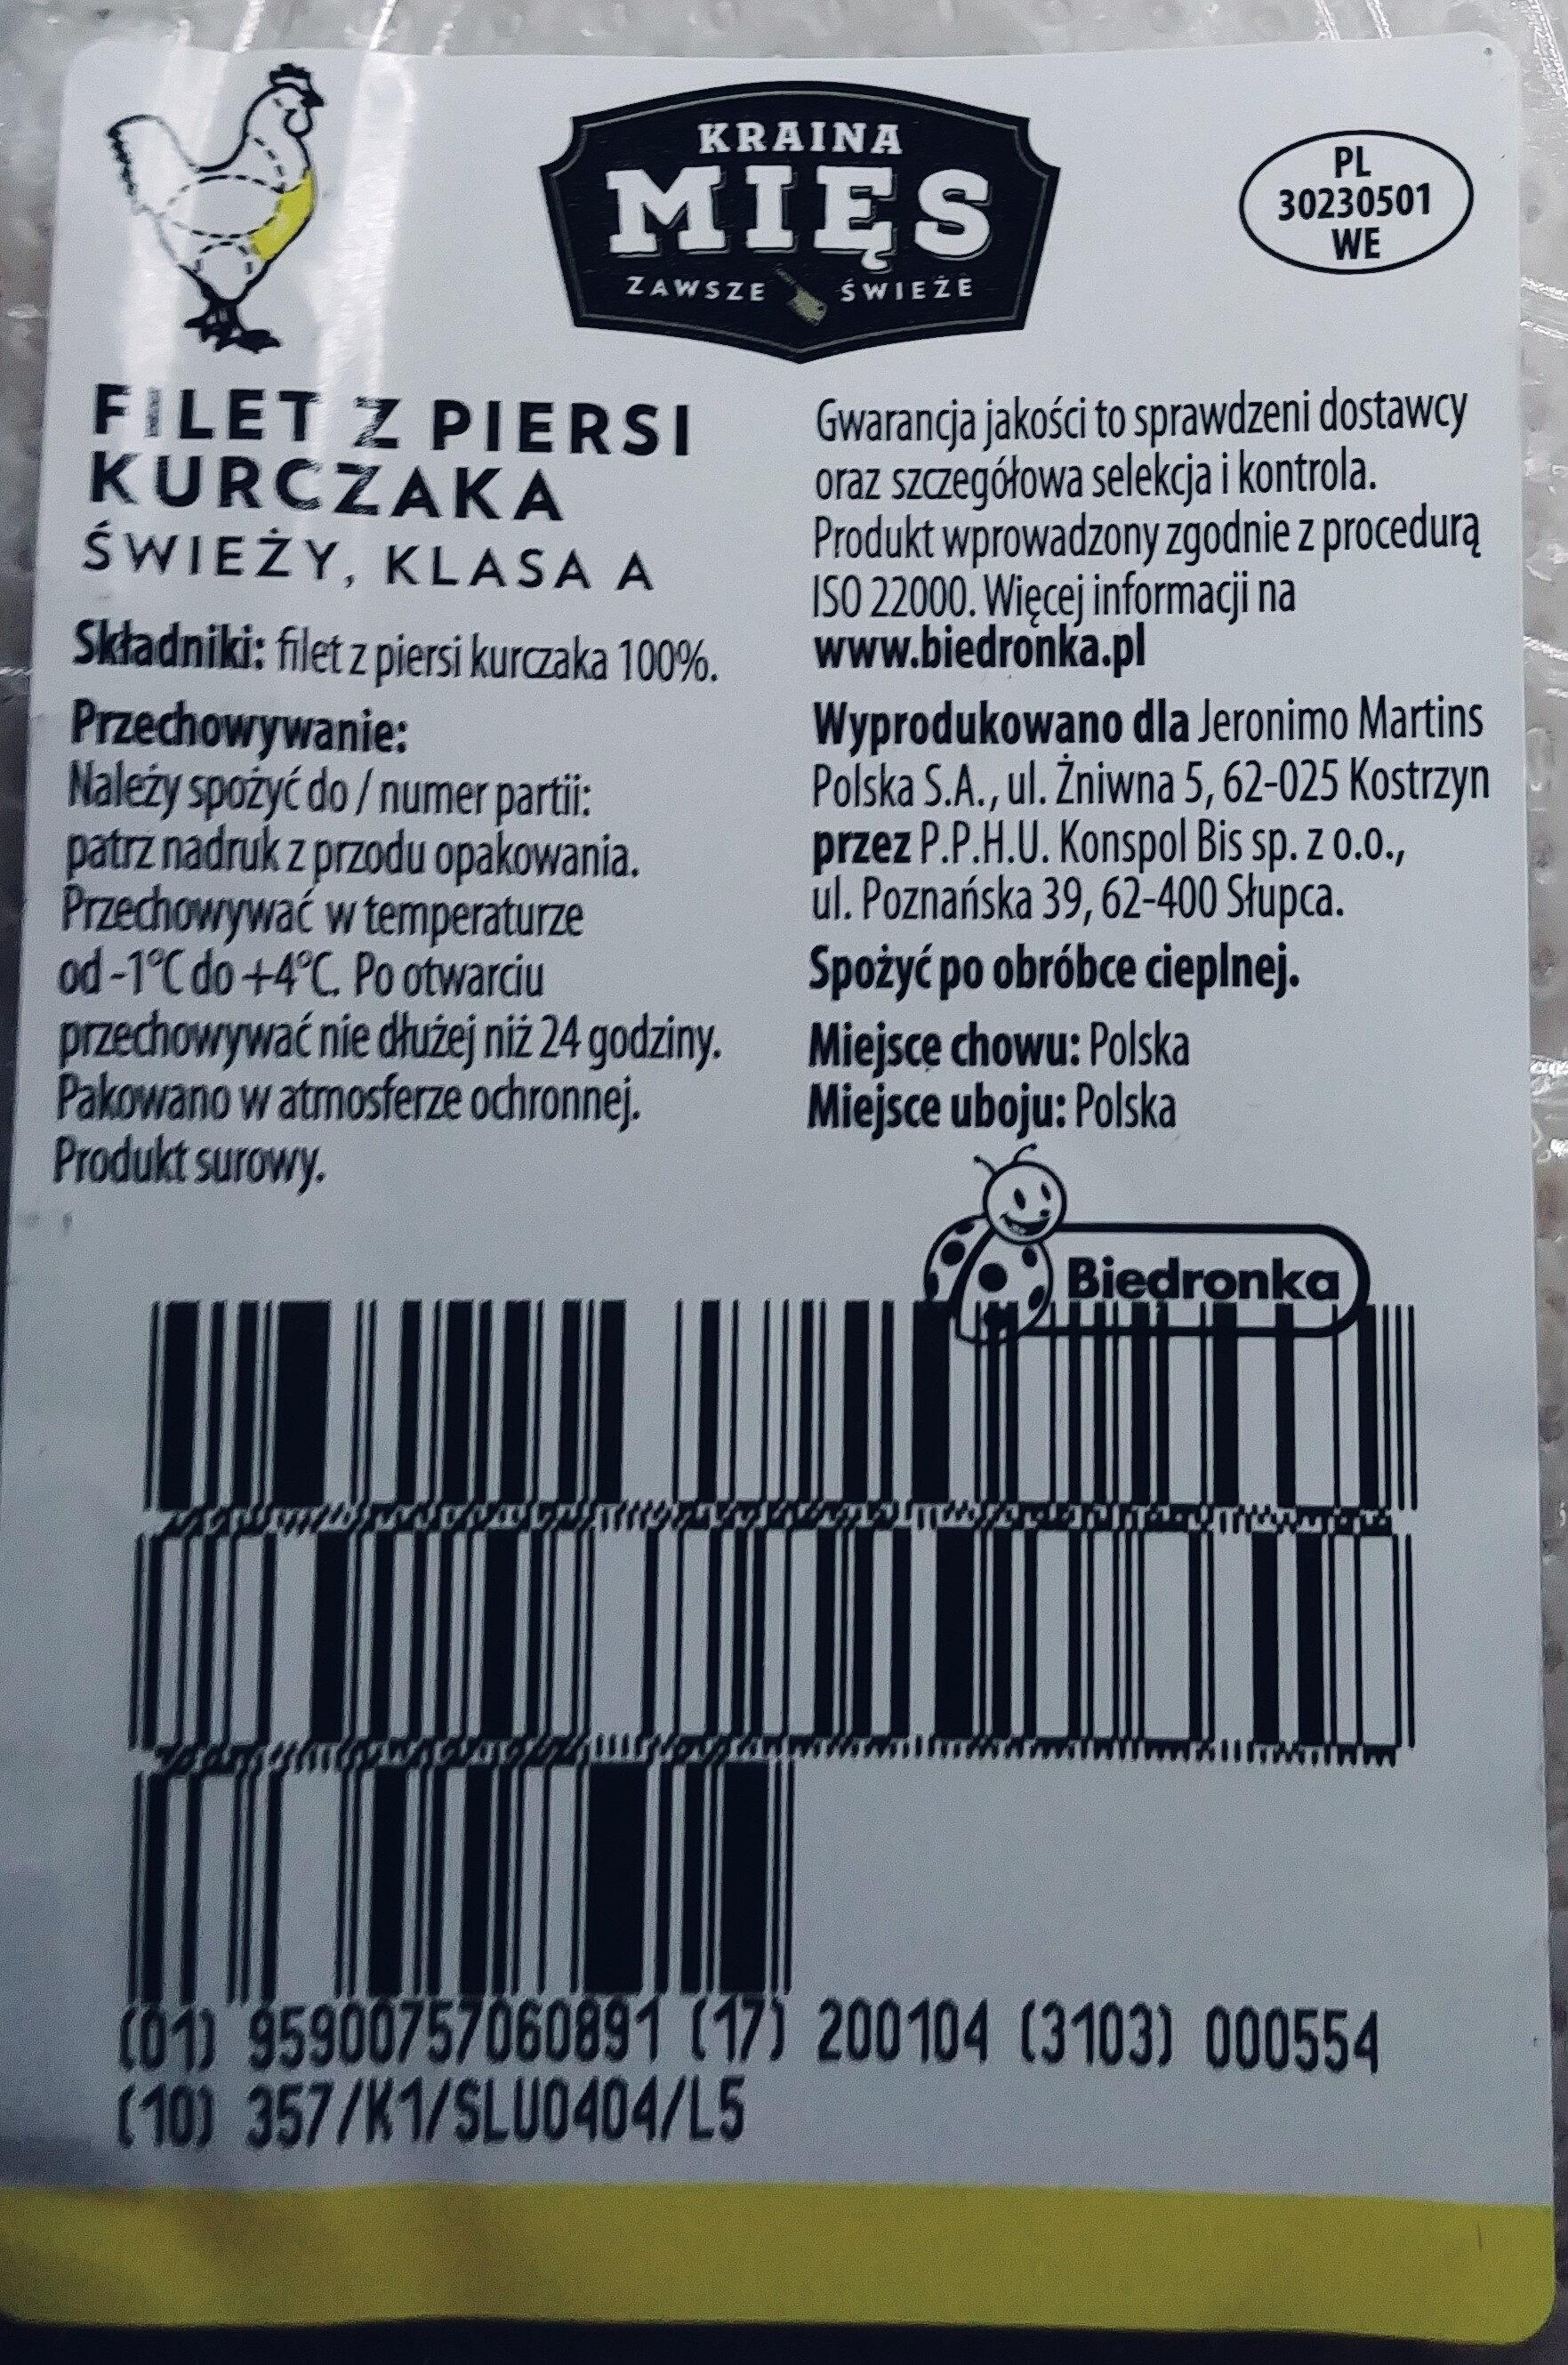 Filety z piersi kurczaka - Składniki